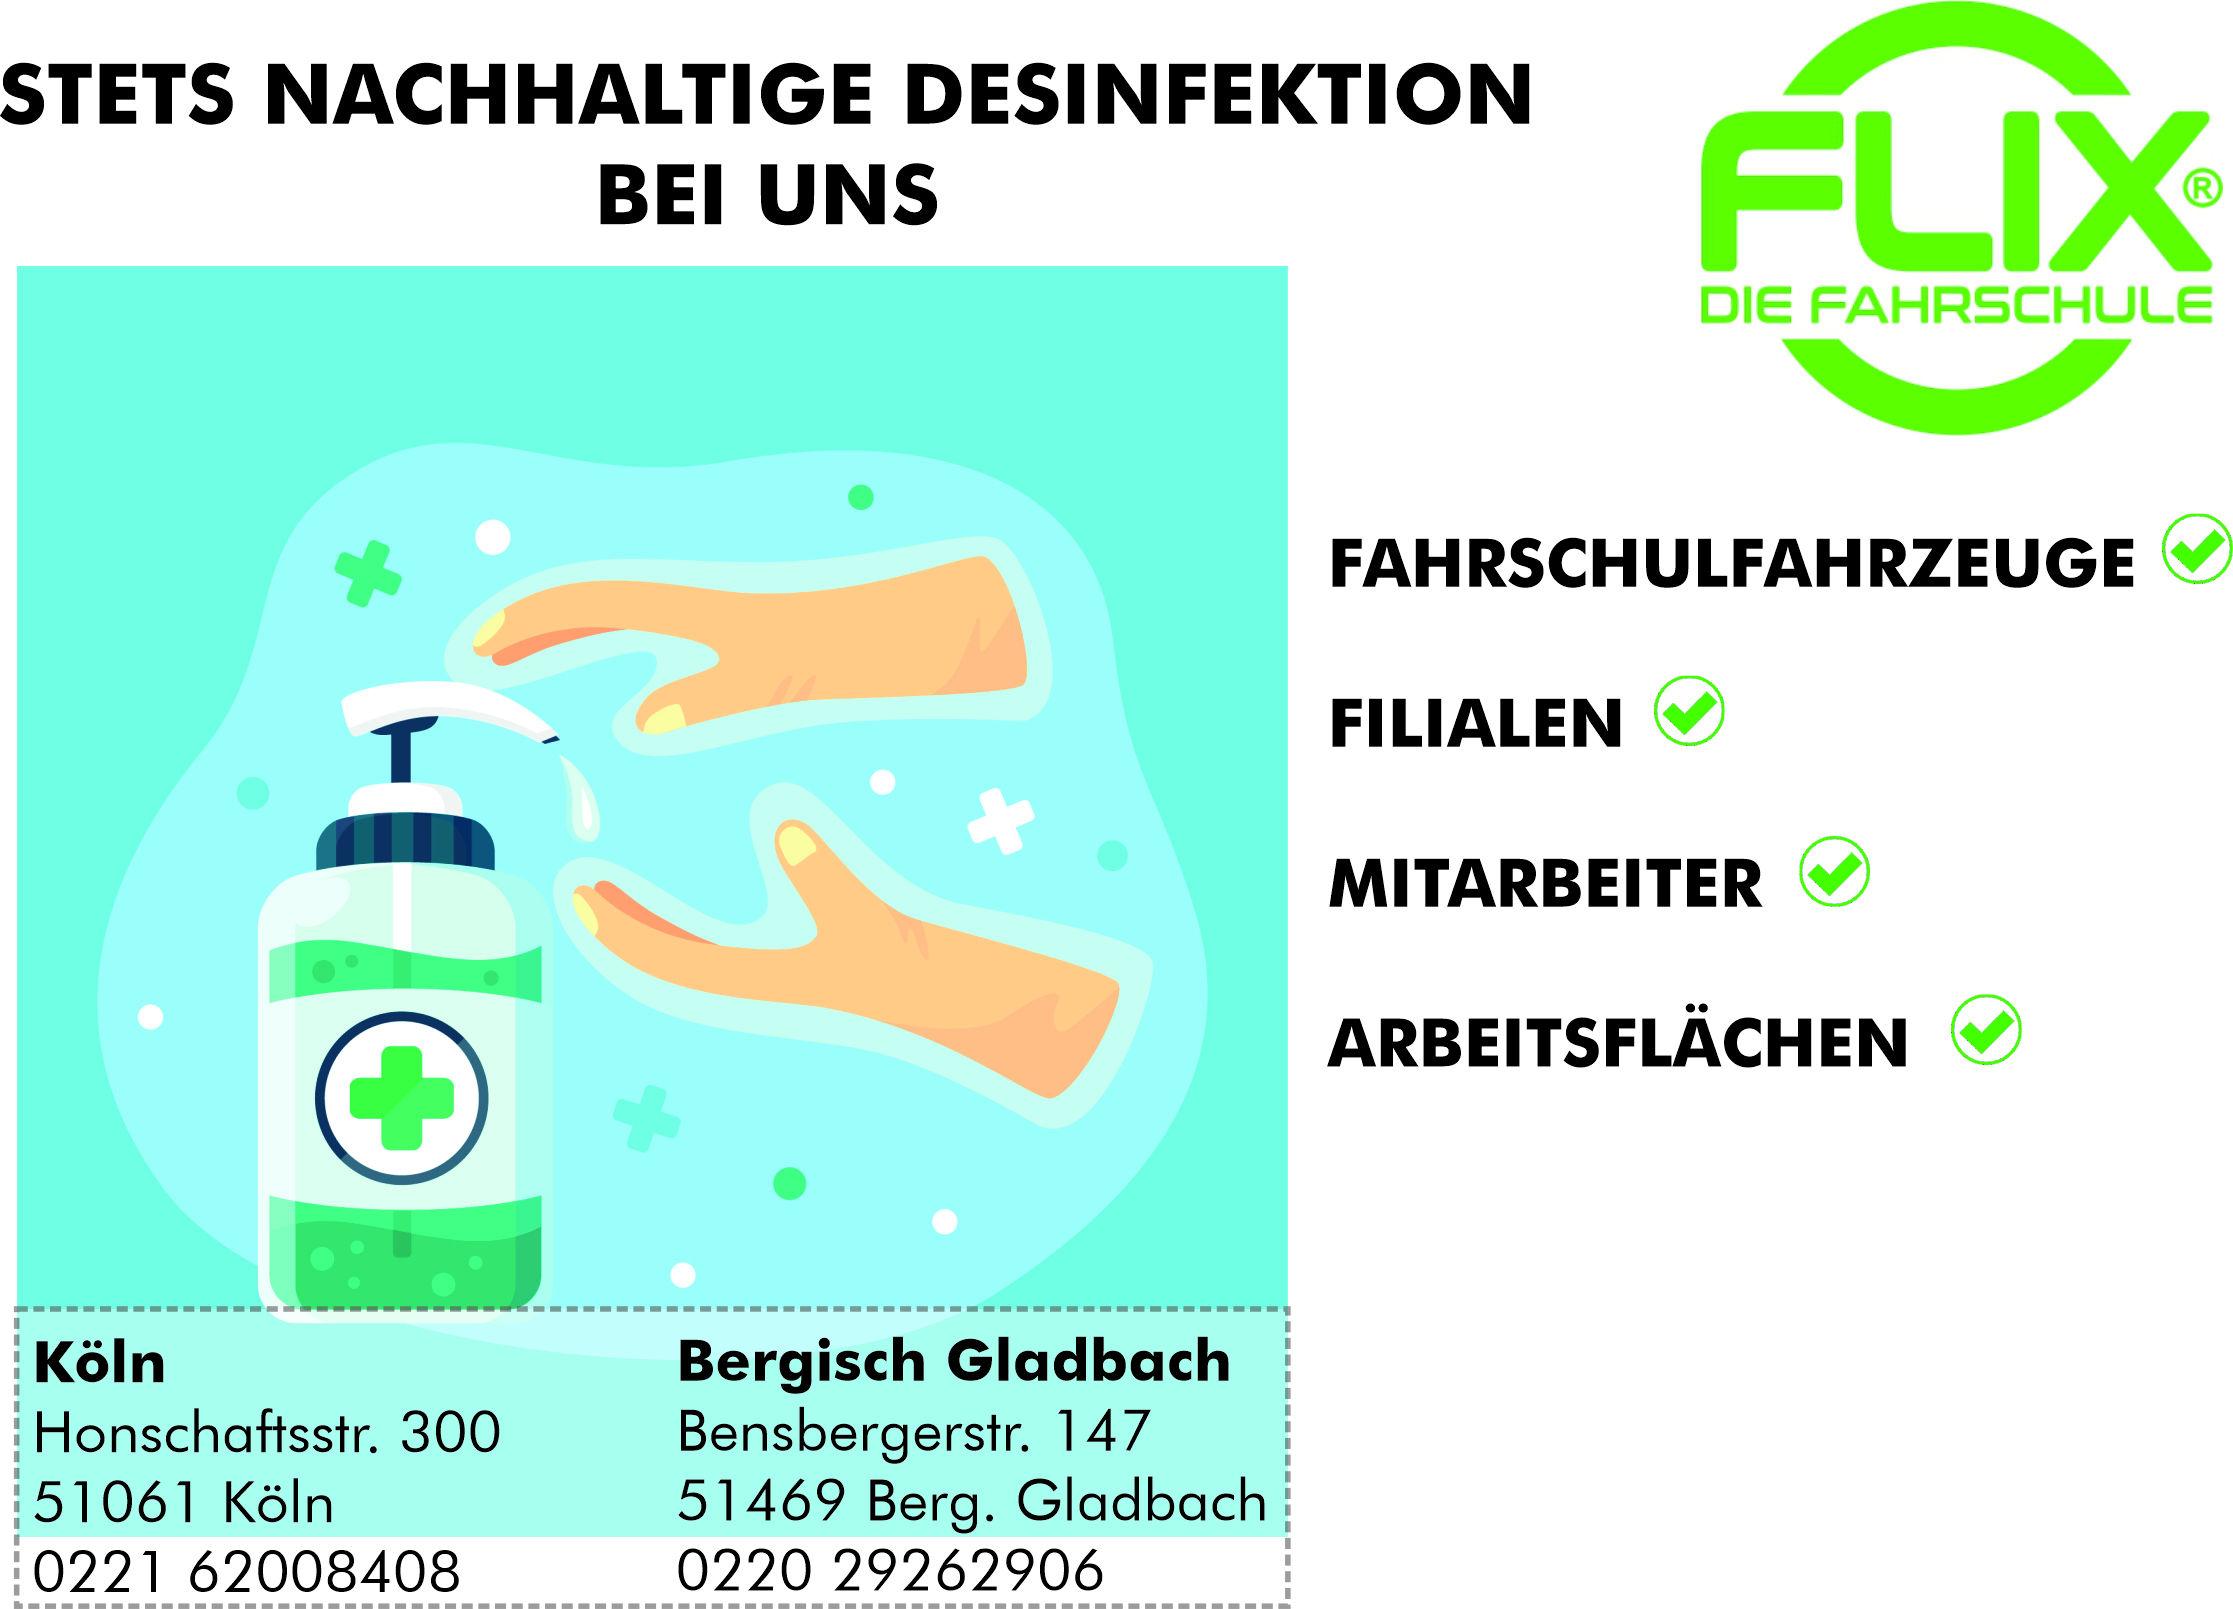 Desinfektionswerbung